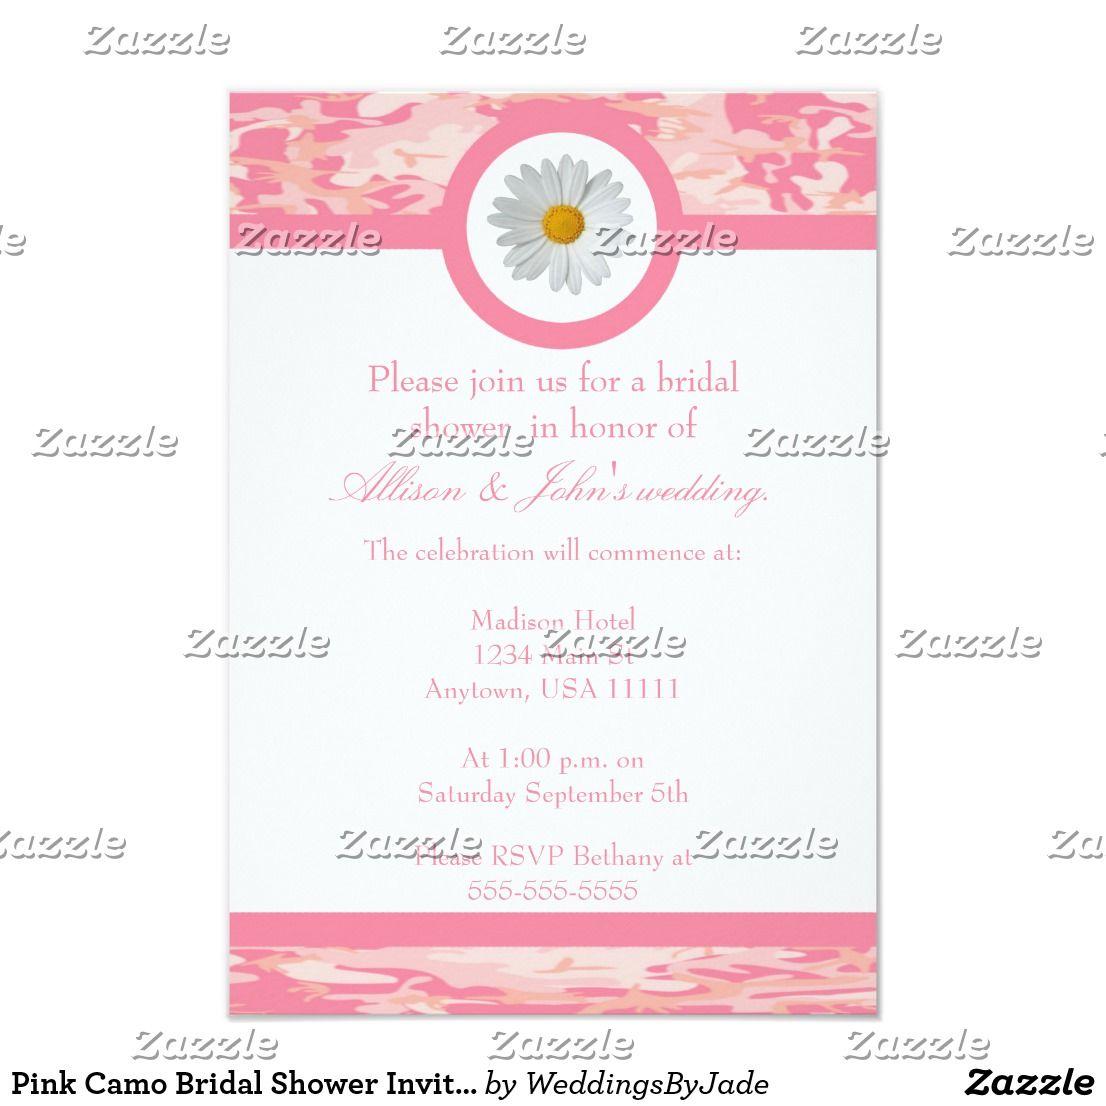 Pink Camo Bridal Shower Invitation | Camo bridal showers, Invites ...